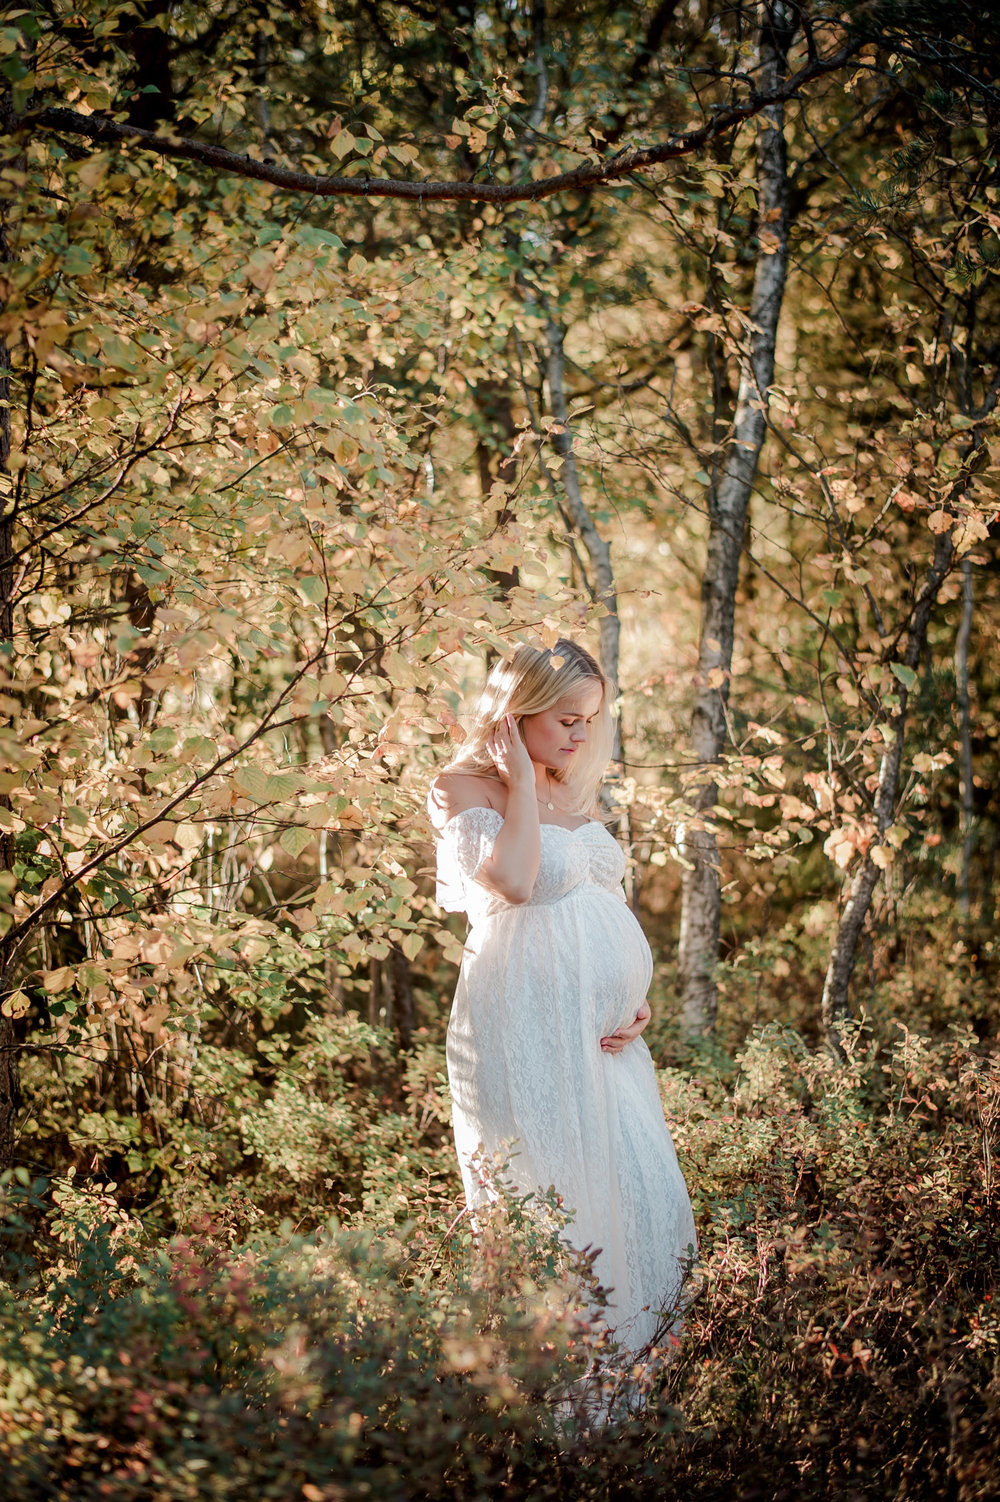 Lillen-gravidfoto-tønsberg-fotograf-baby-105.jpg